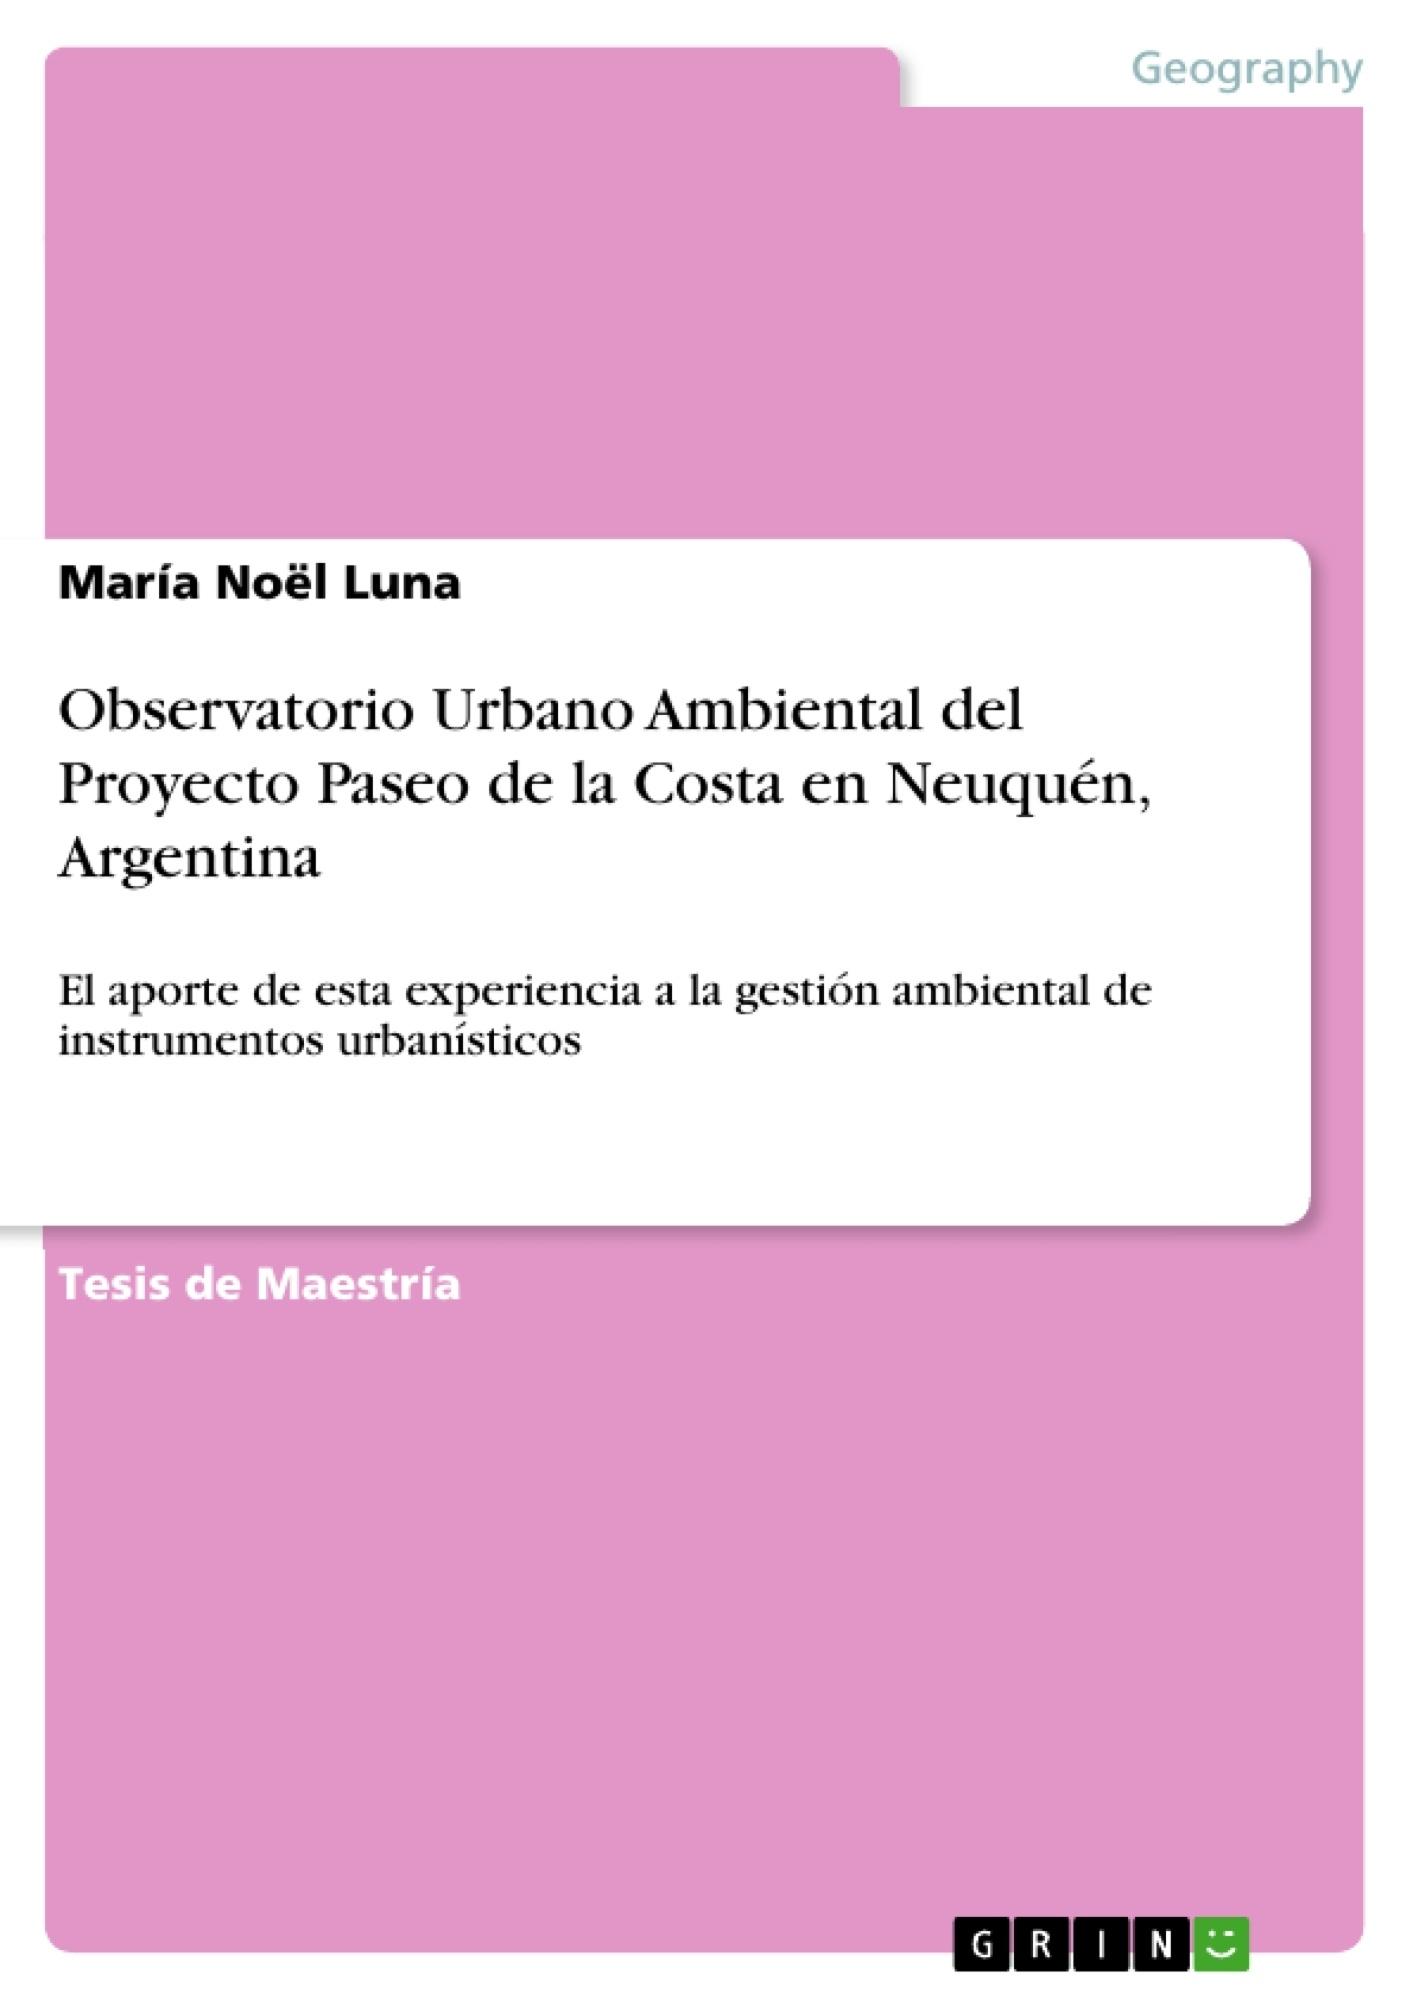 Título: Observatorio Urbano Ambiental del Proyecto Paseo de la Costa en Neuquén, Argentina